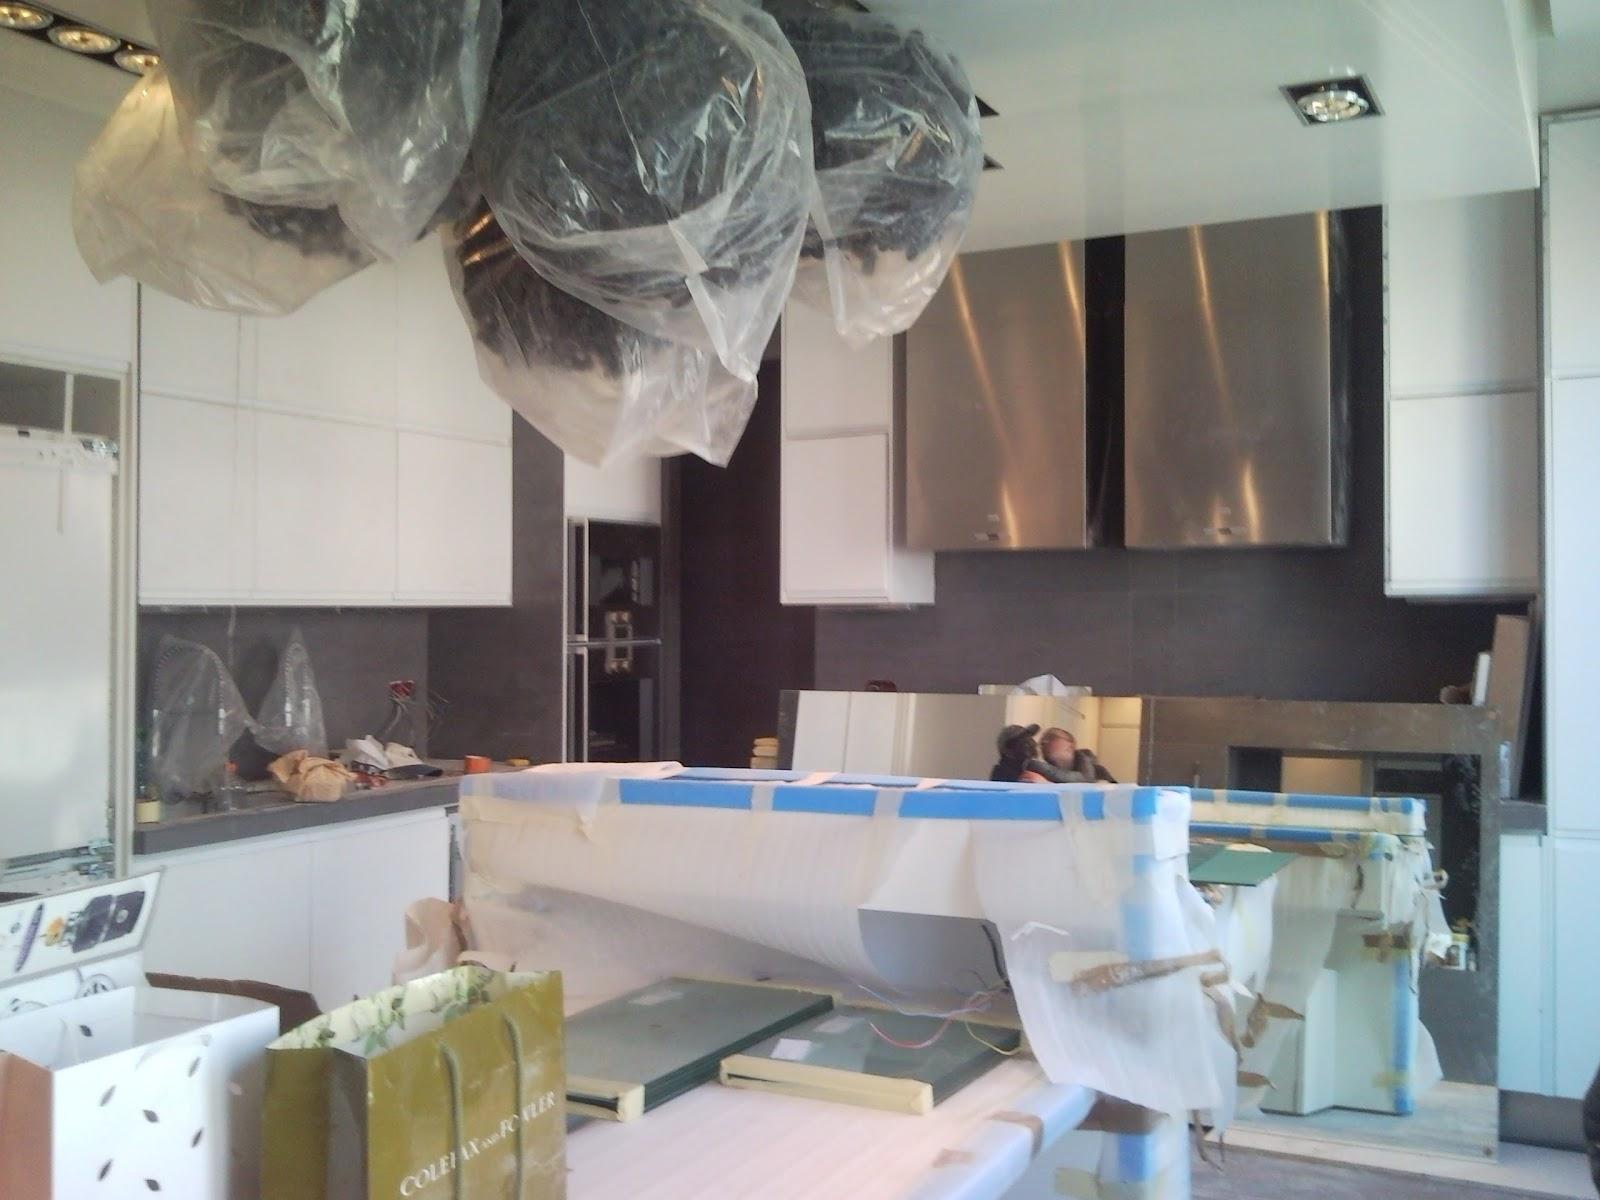 l renov tous cr ation d 39 une cuisine ikea sur mesure. Black Bedroom Furniture Sets. Home Design Ideas